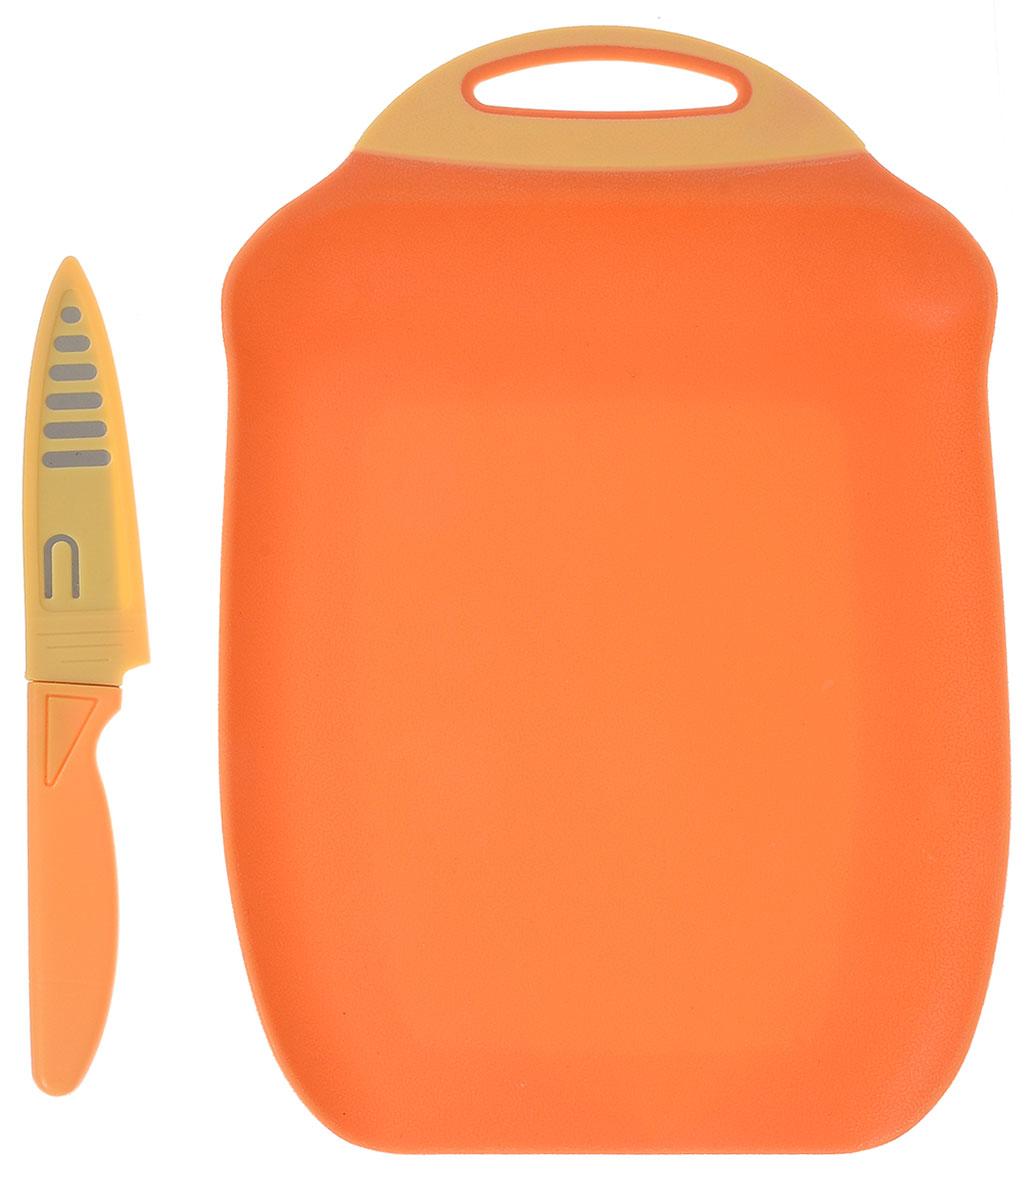 Доска разделочная Menu Ланч, с ножом, цвет: оранжевый, 27 х 18 смLNC-27_оранжевыйРазделочная доска Menu Ланч изготовлена из высококачественного пищевого пластика и предназначена для разделывания рыбы, мяса, нарезки овощей, фруктов, колбас, сыра и хлеба. Поверхность доски не тупит лезвия ножей и не впитывает запахи продуктов. В конструкции доски предусмотрены специальные небольшие бортики, которые предотвратят случайное ссыпание продуктов. Для удобства хранения доска имеет отверстие для подвешивания. В комплекте имеется нож из нержавеющей стали с защитным чехлом. Эргономичная пластиковая рукоятка не позволяет ножу выскальзывать из рук. Любая хозяйка оценит функциональность данного набора. Мыть только вручную. Размер разделочной доски: 27 х 18 см. Длина ножа: 19 см. Длина лезвия ножа: 10 см.